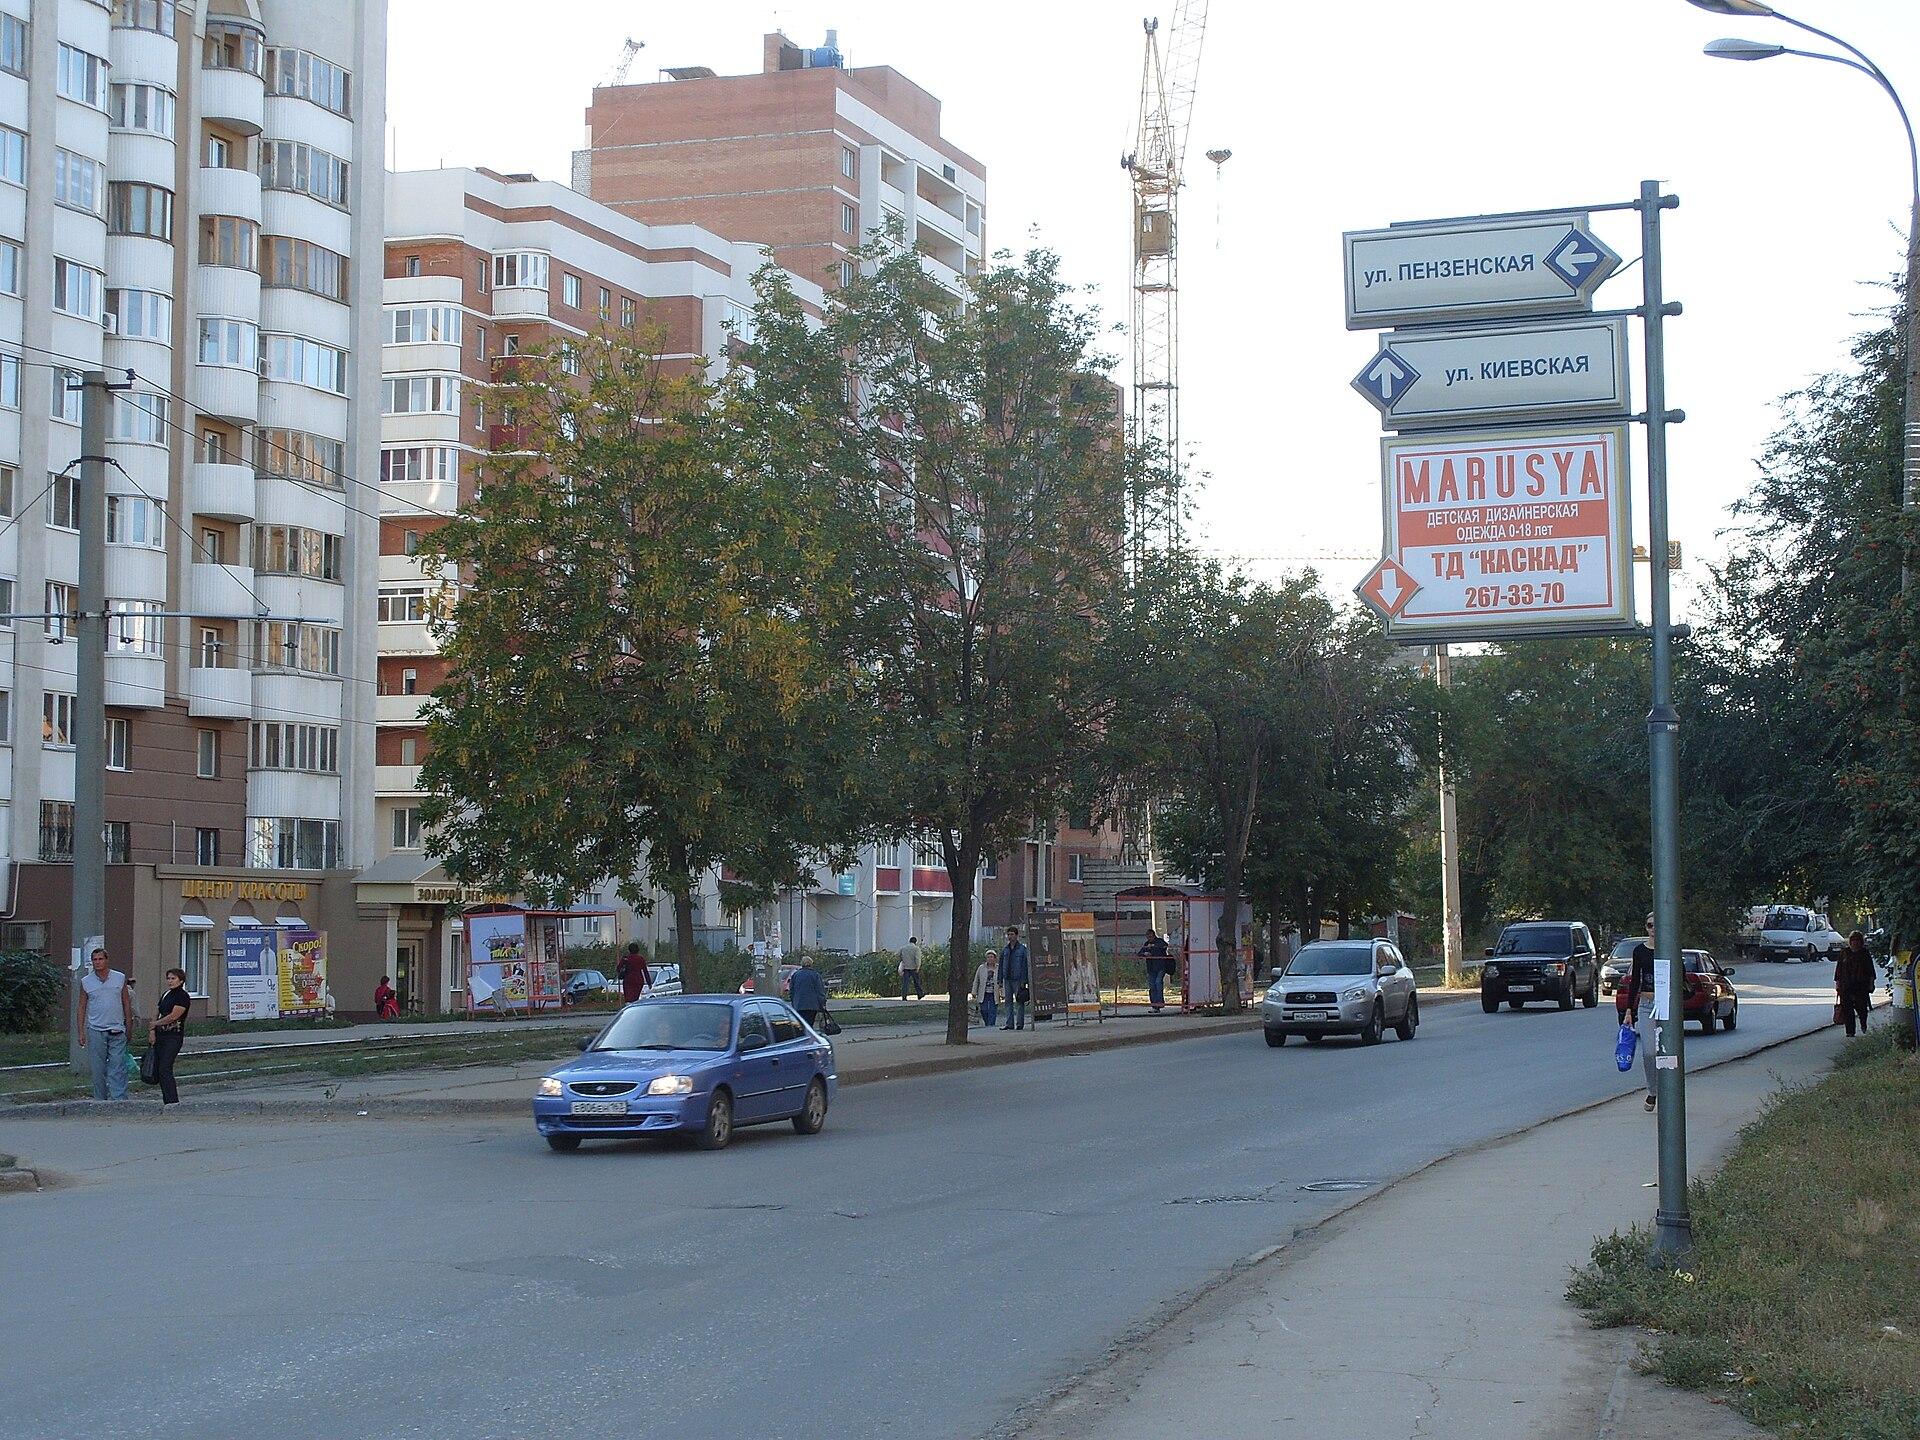 Аптеки в Москве  адреса телефоны сайты отзывы